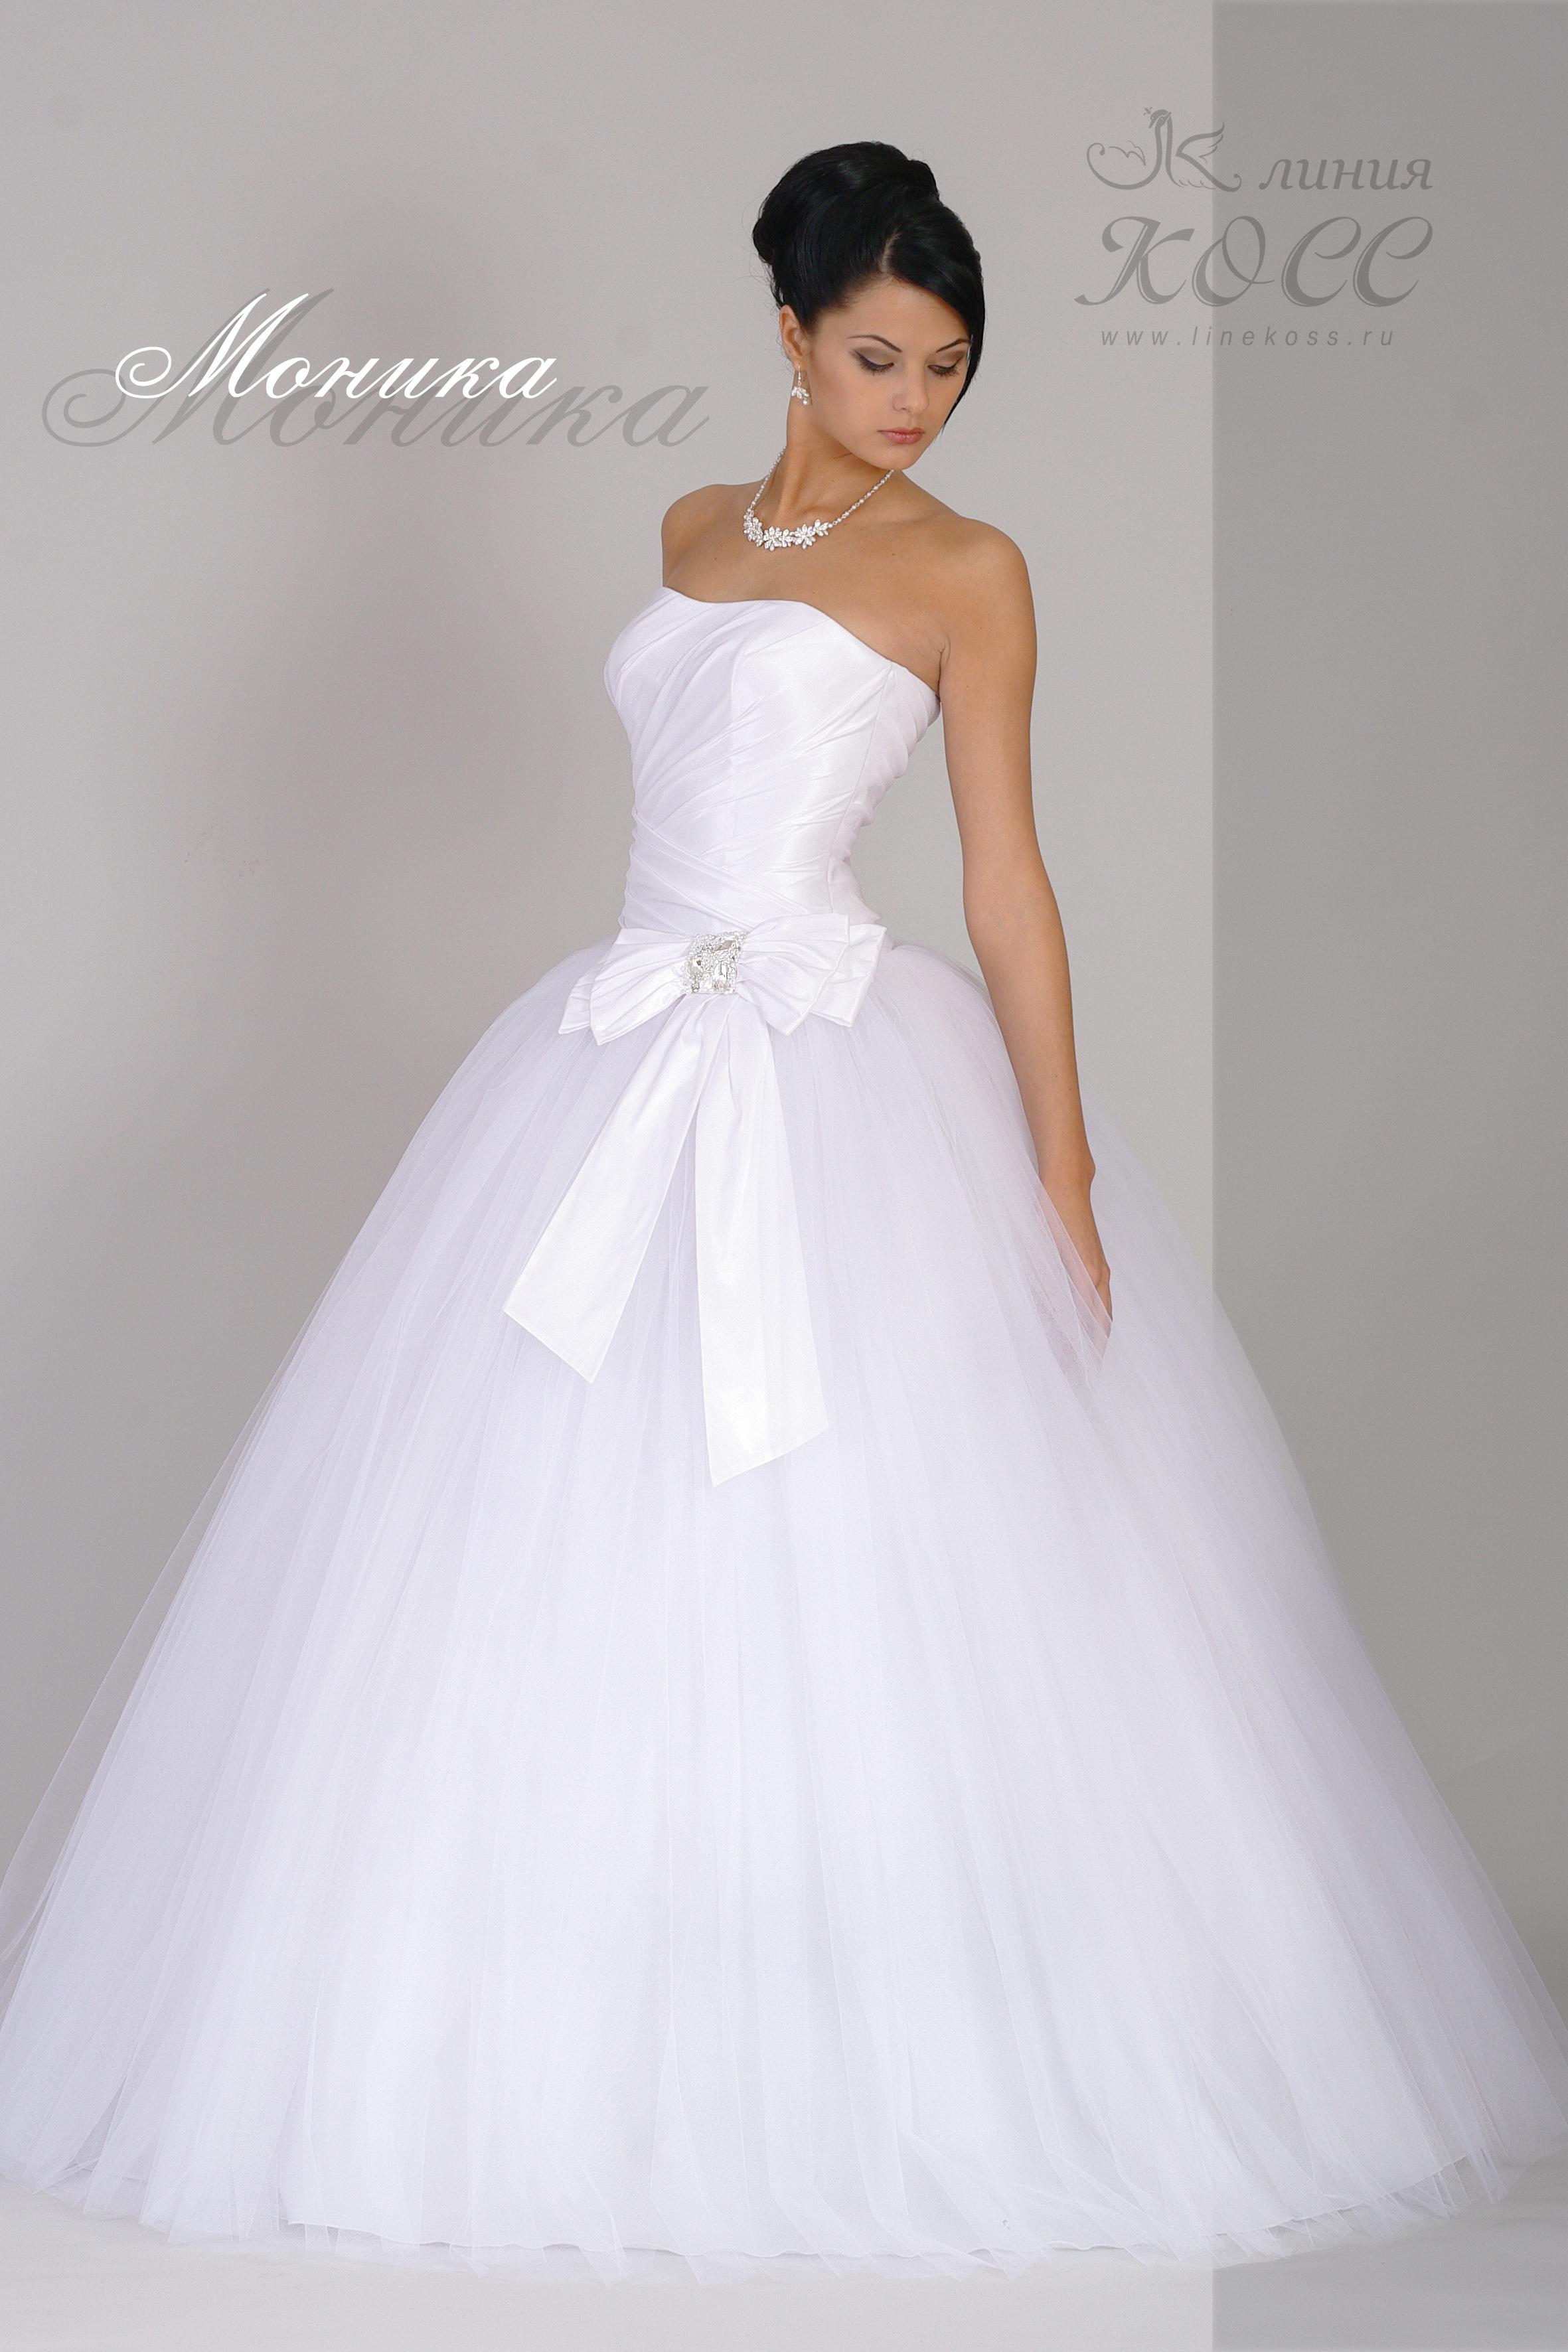 Спешите, мы открыты в любой удобный для ВАС день! Свадебные платья